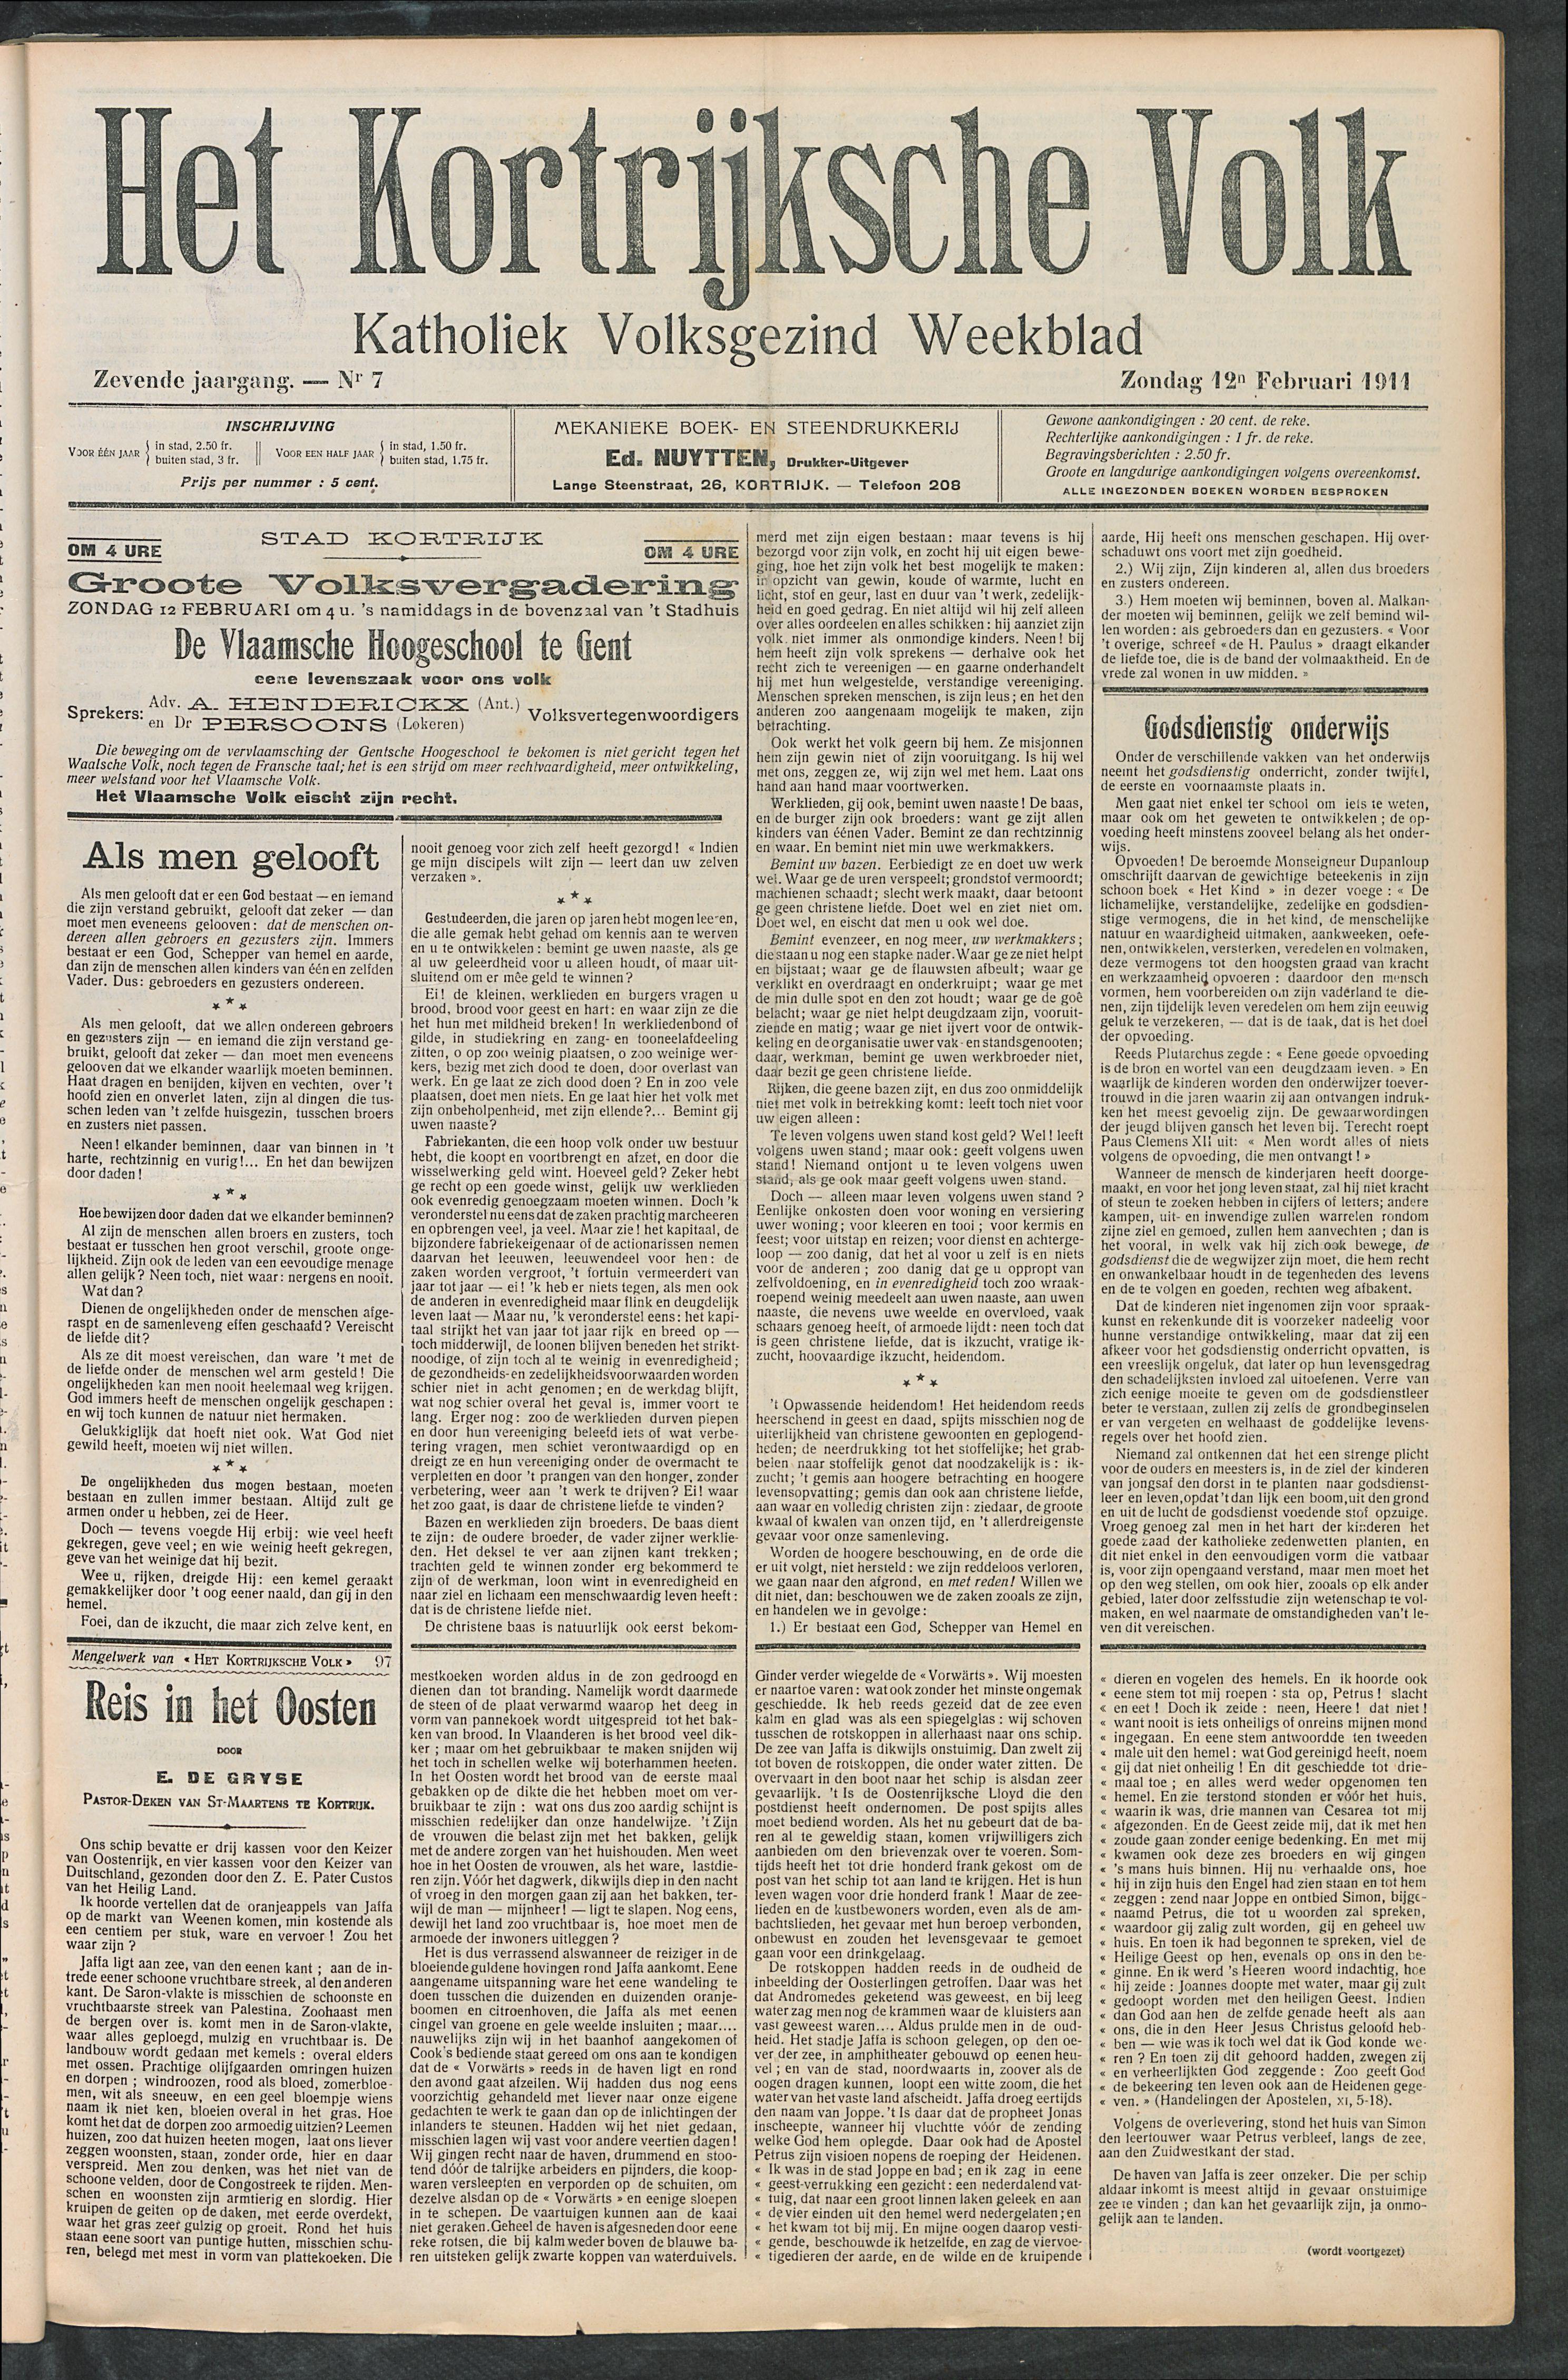 Het Kortrijksche Volk 1911-02-12 p1